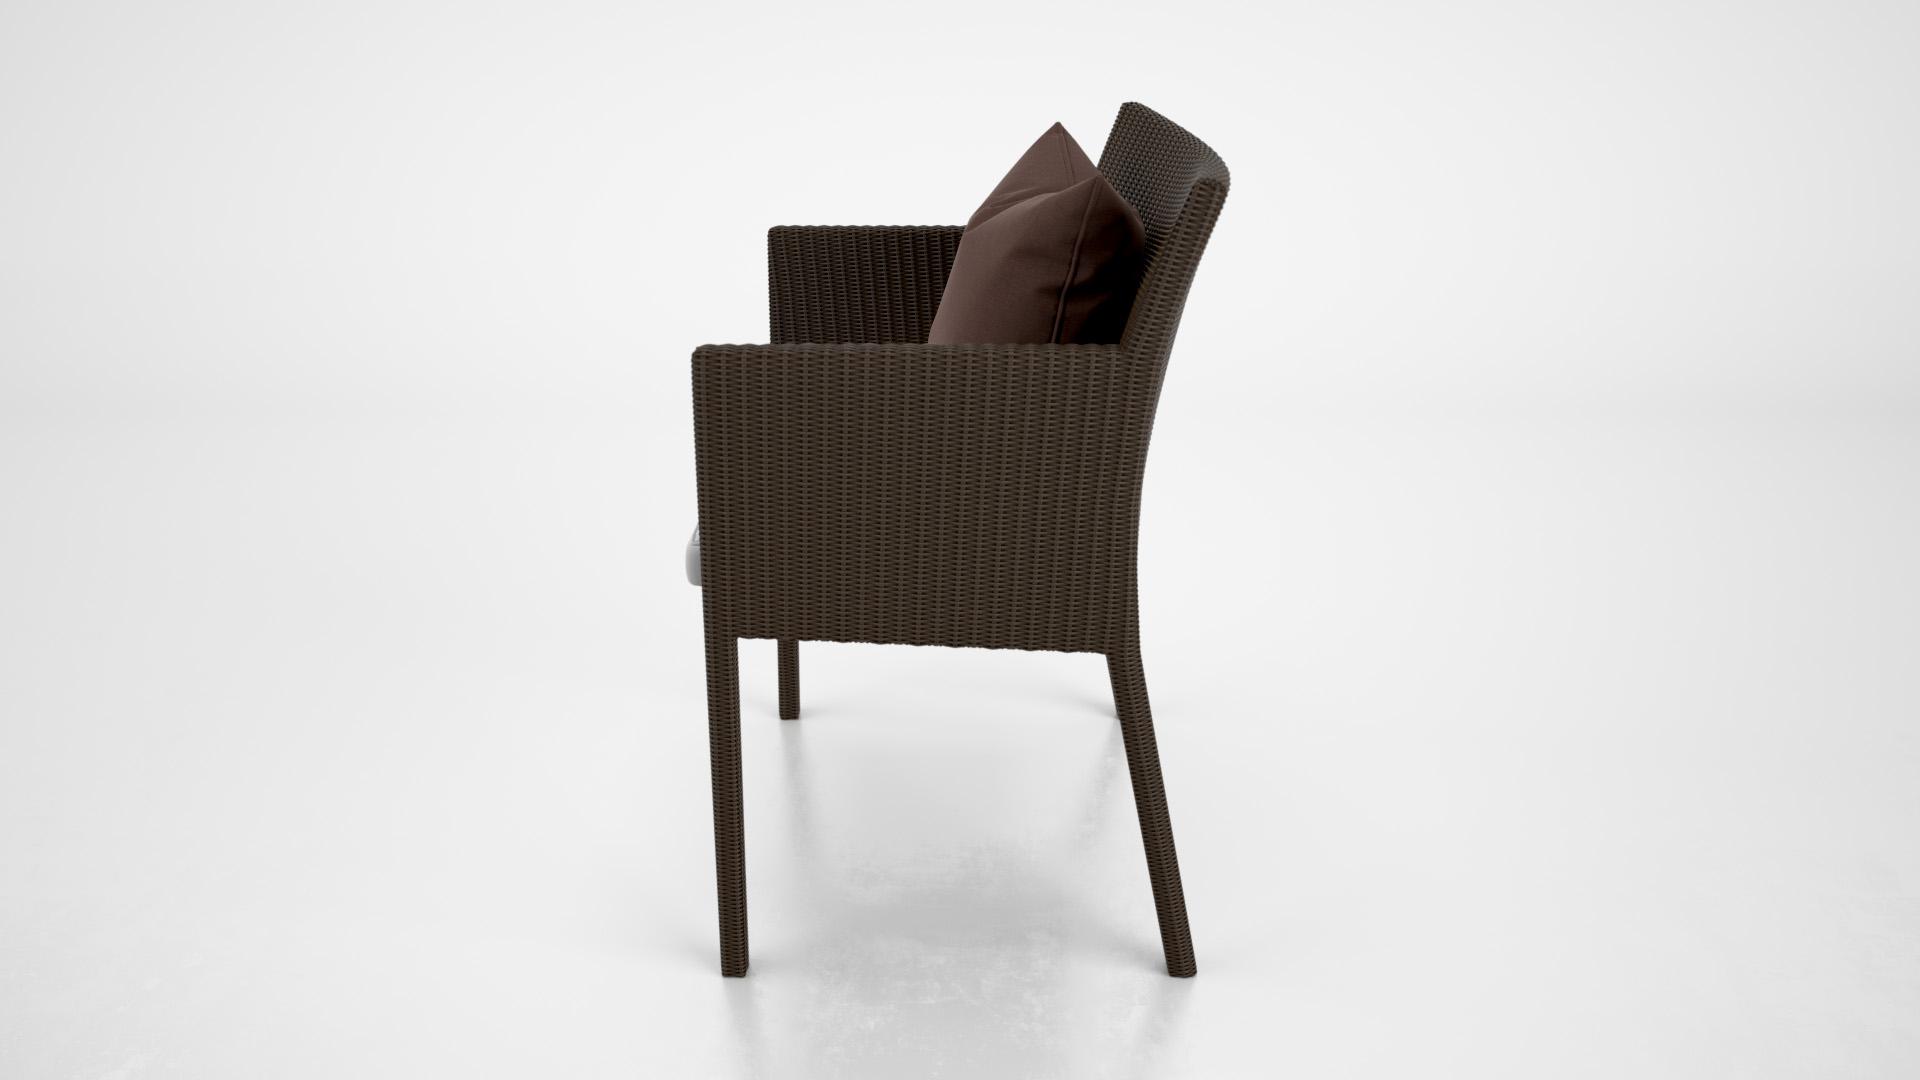 Tribu_Versus_Chair_TeakLegs_WhiteSet_01_0002